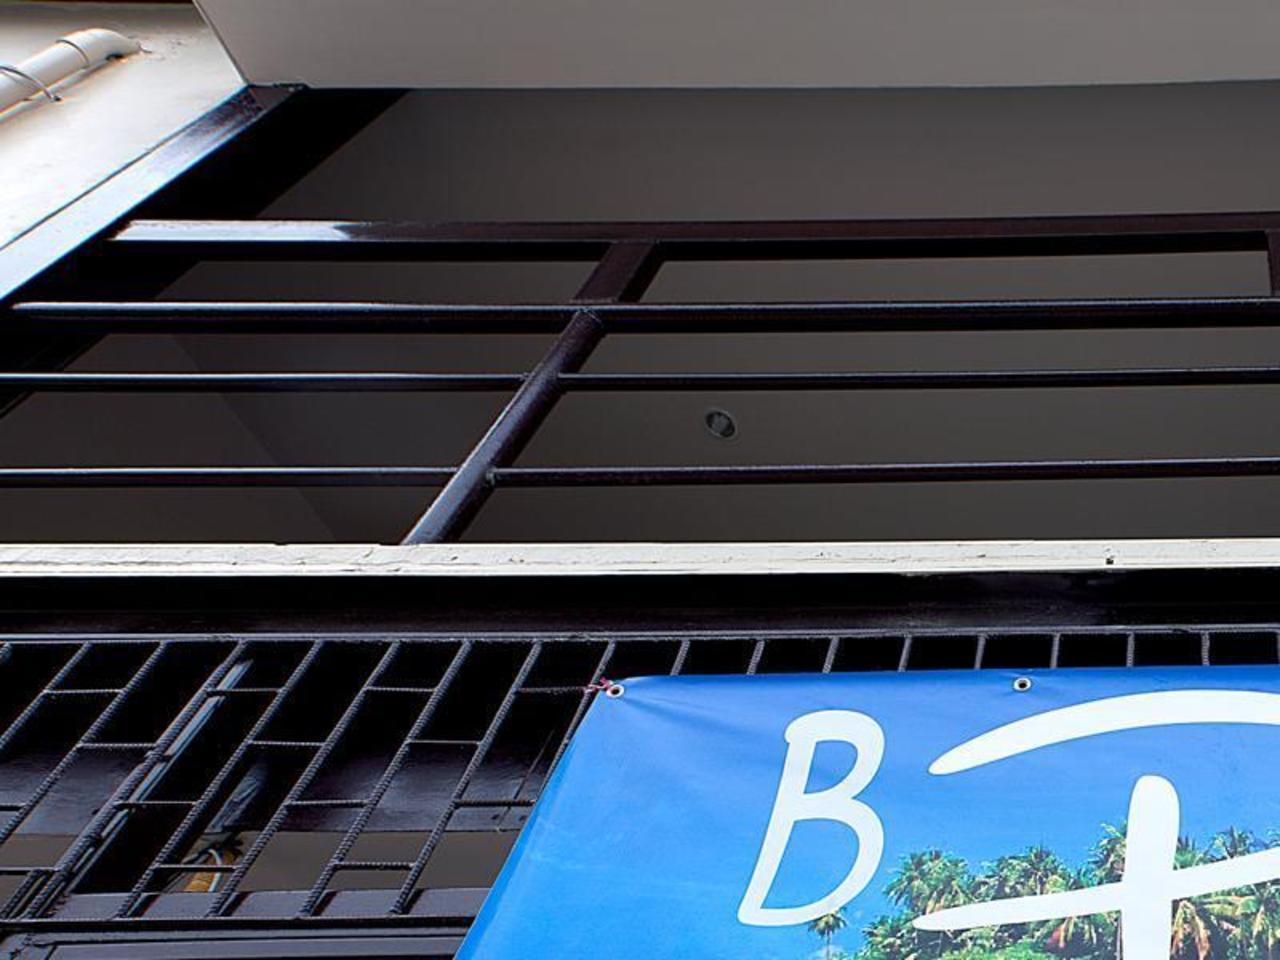 บี เพลซ เกสต์เฮาส์ (B Place Guesthouse)